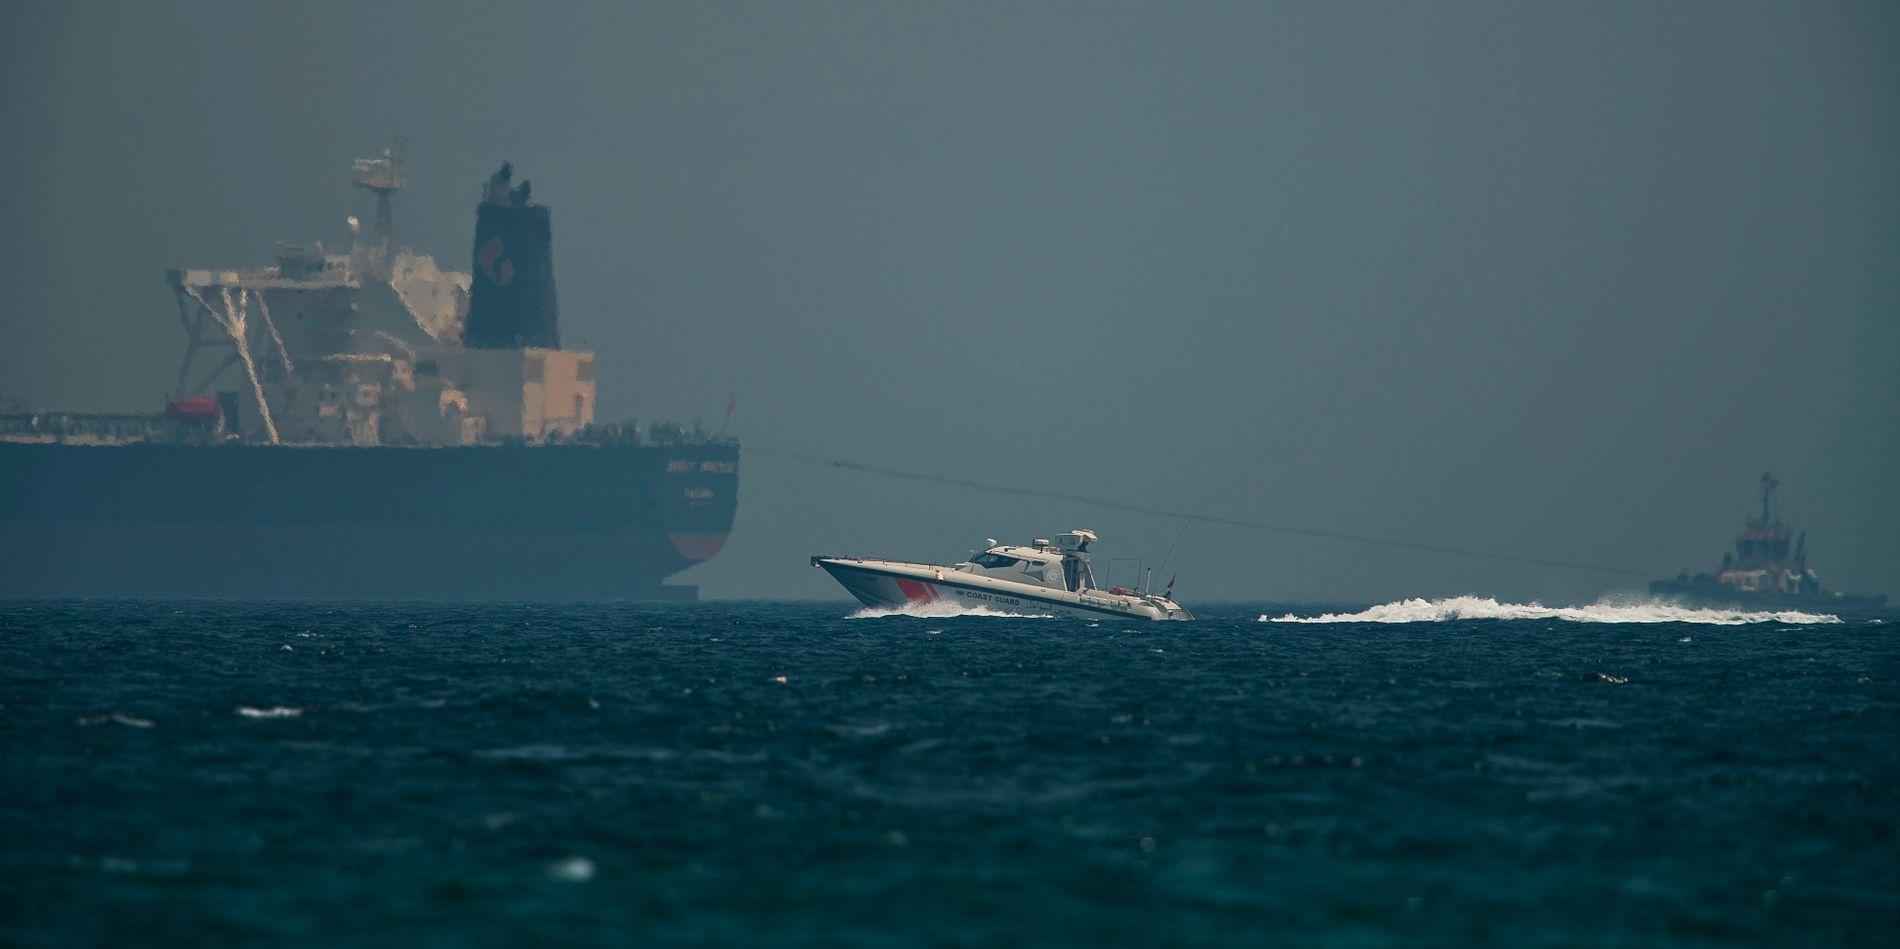 PATRULJERER: Et hurtiggående kystvaktskip fra Emiratene passerer en oljetanker utenfor kysten av havnebyen Fujairah ved Omanbukta 13. mai i  år.